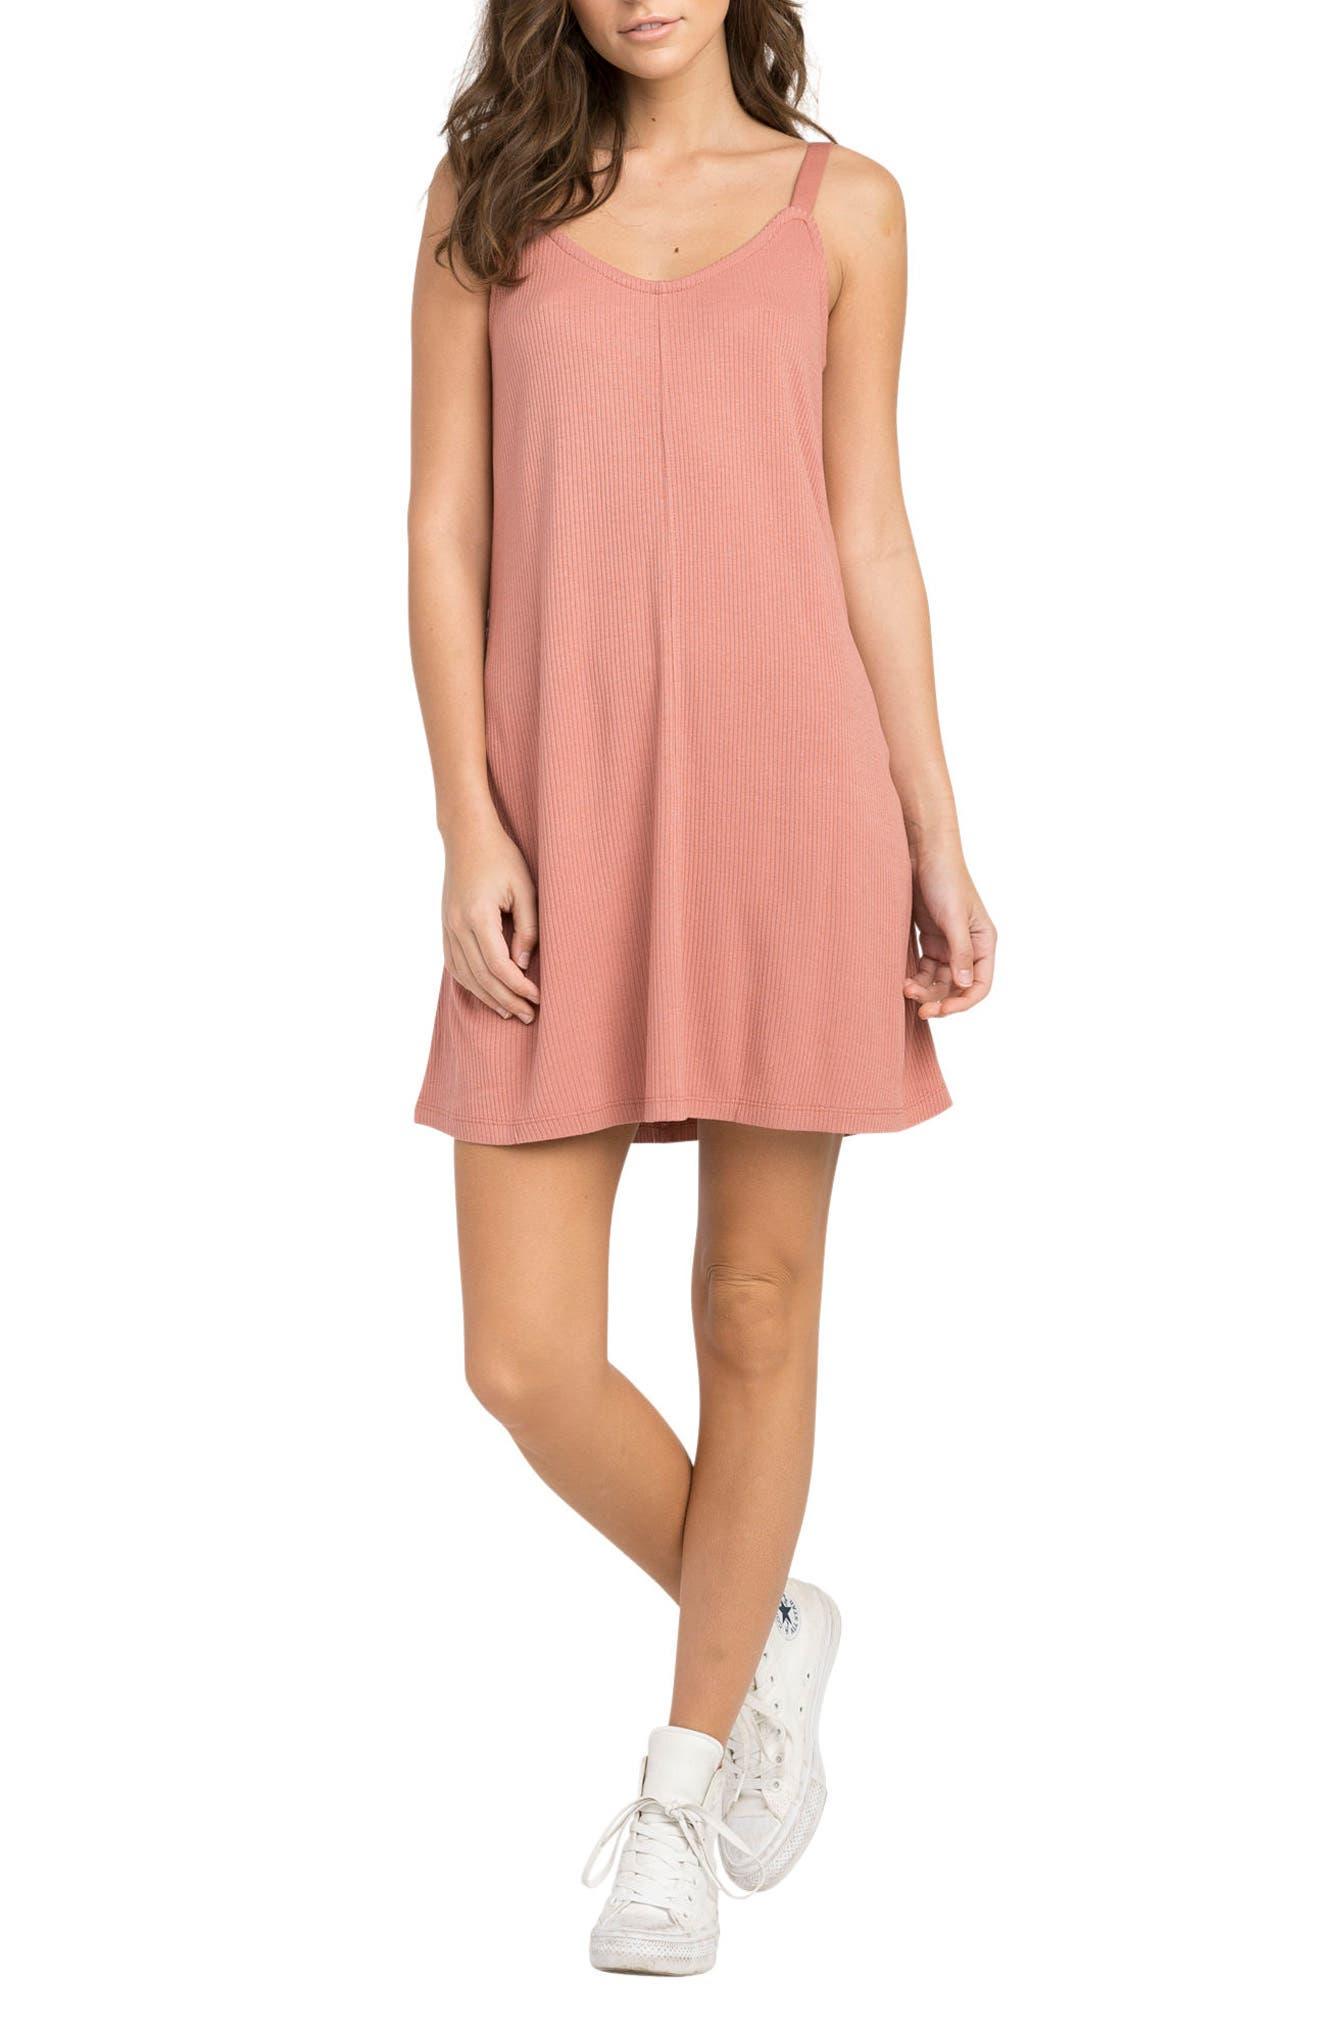 RVCA Switchback Rib Knit Dress